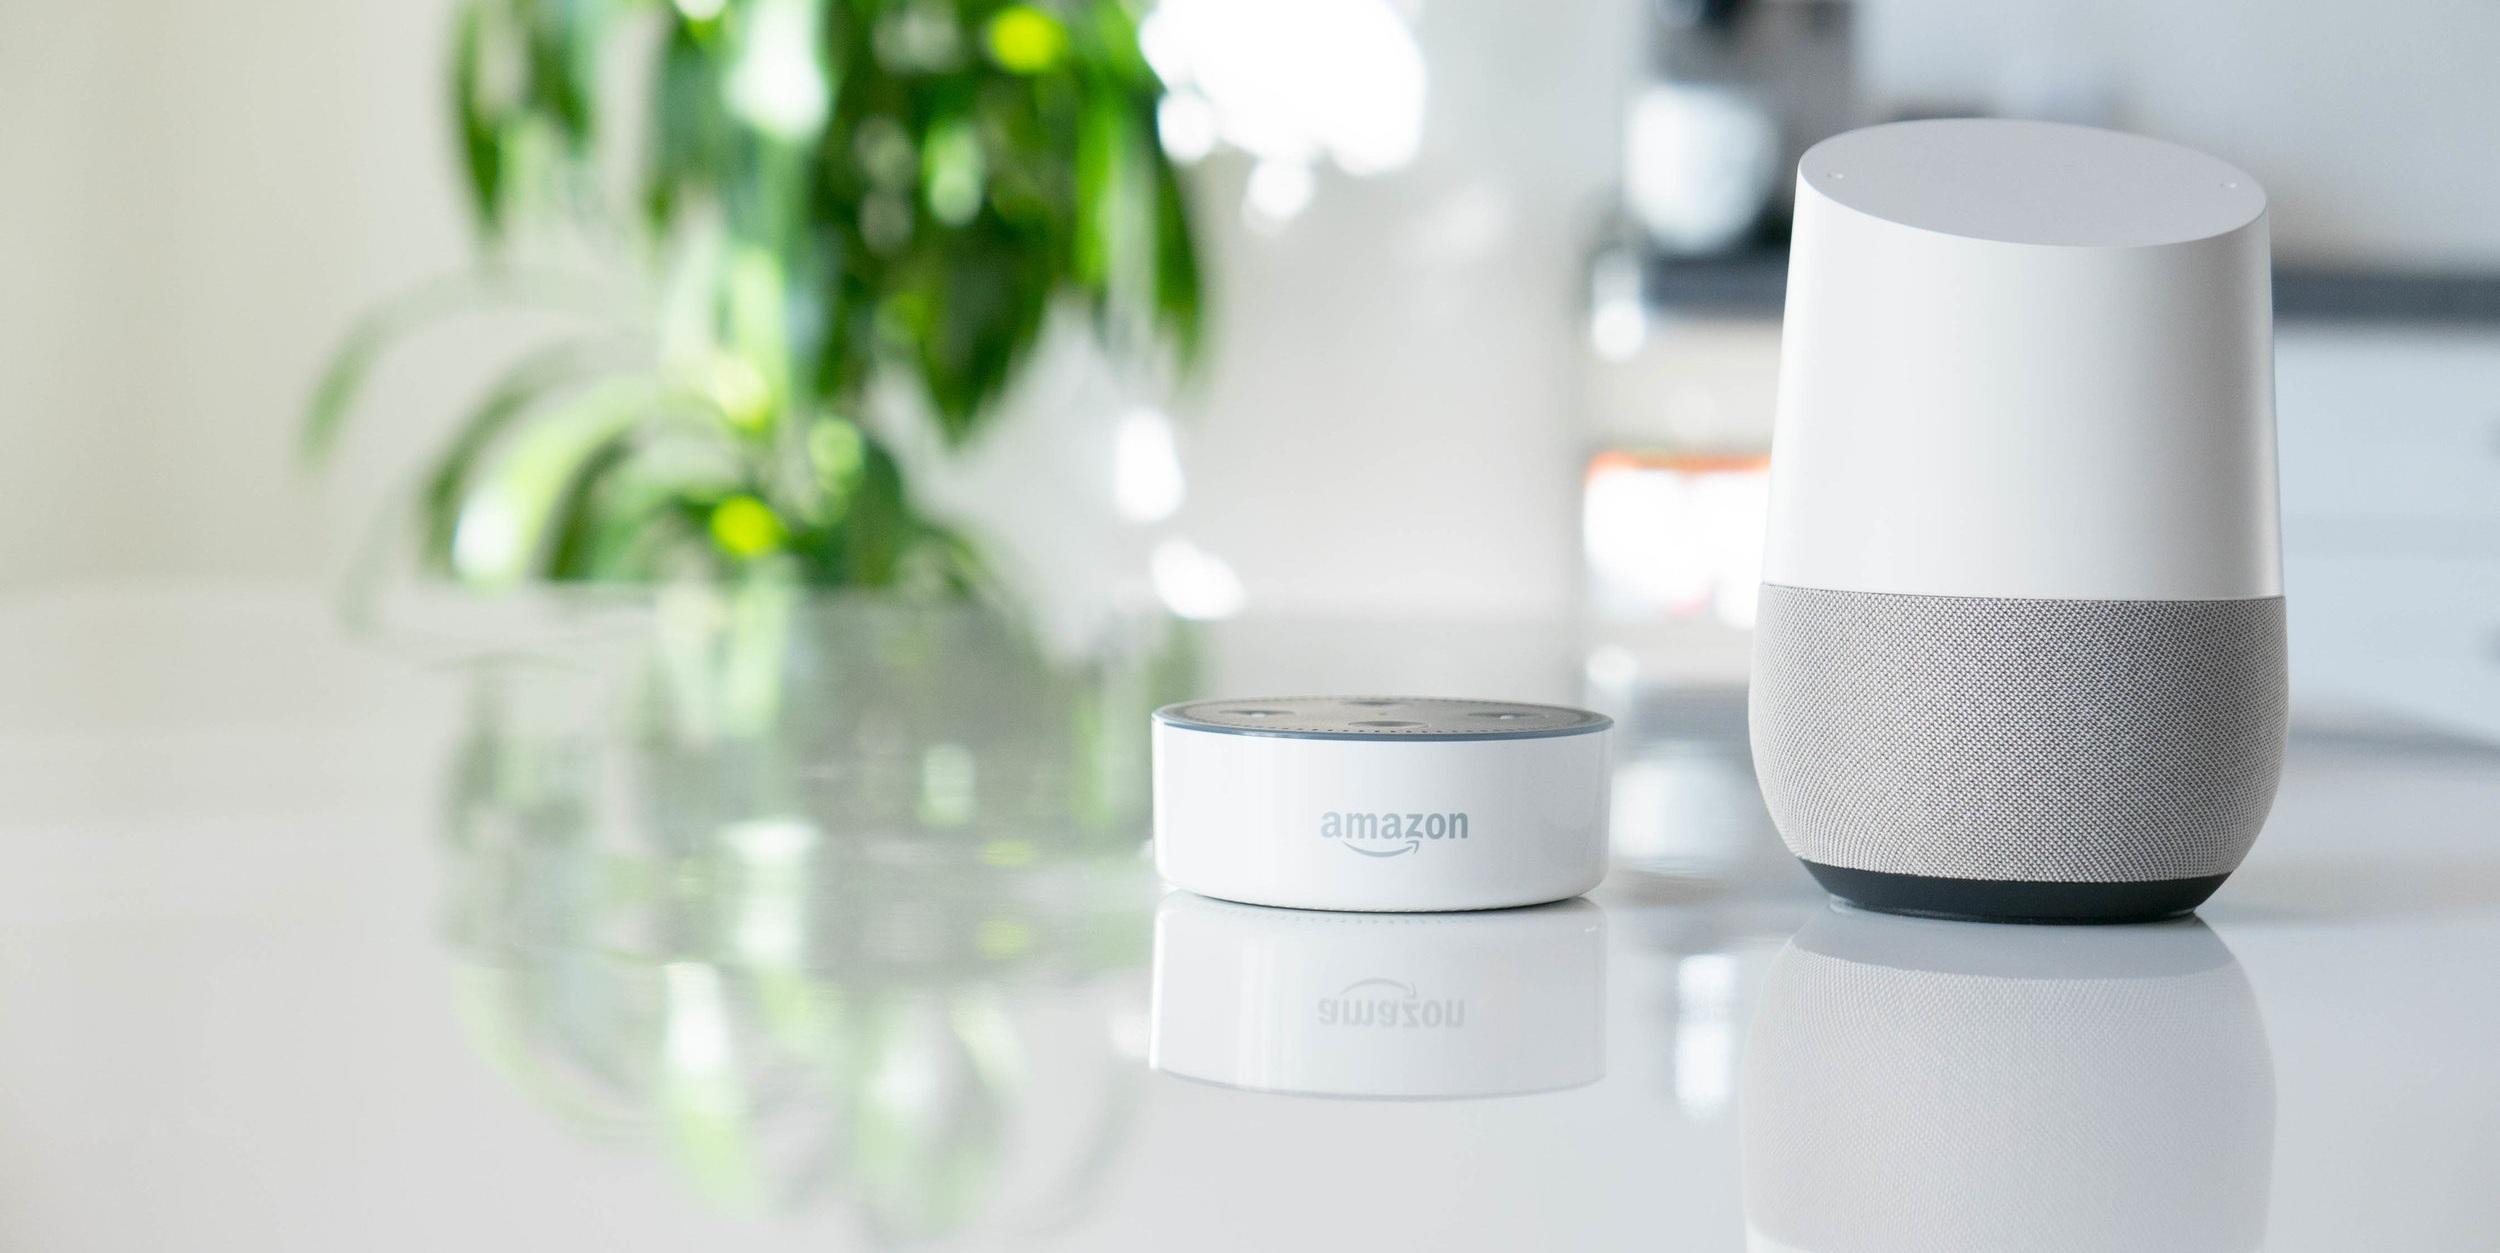 Amazon-Echo-Dot-wei%25C3%259F-Google-Home.jpg